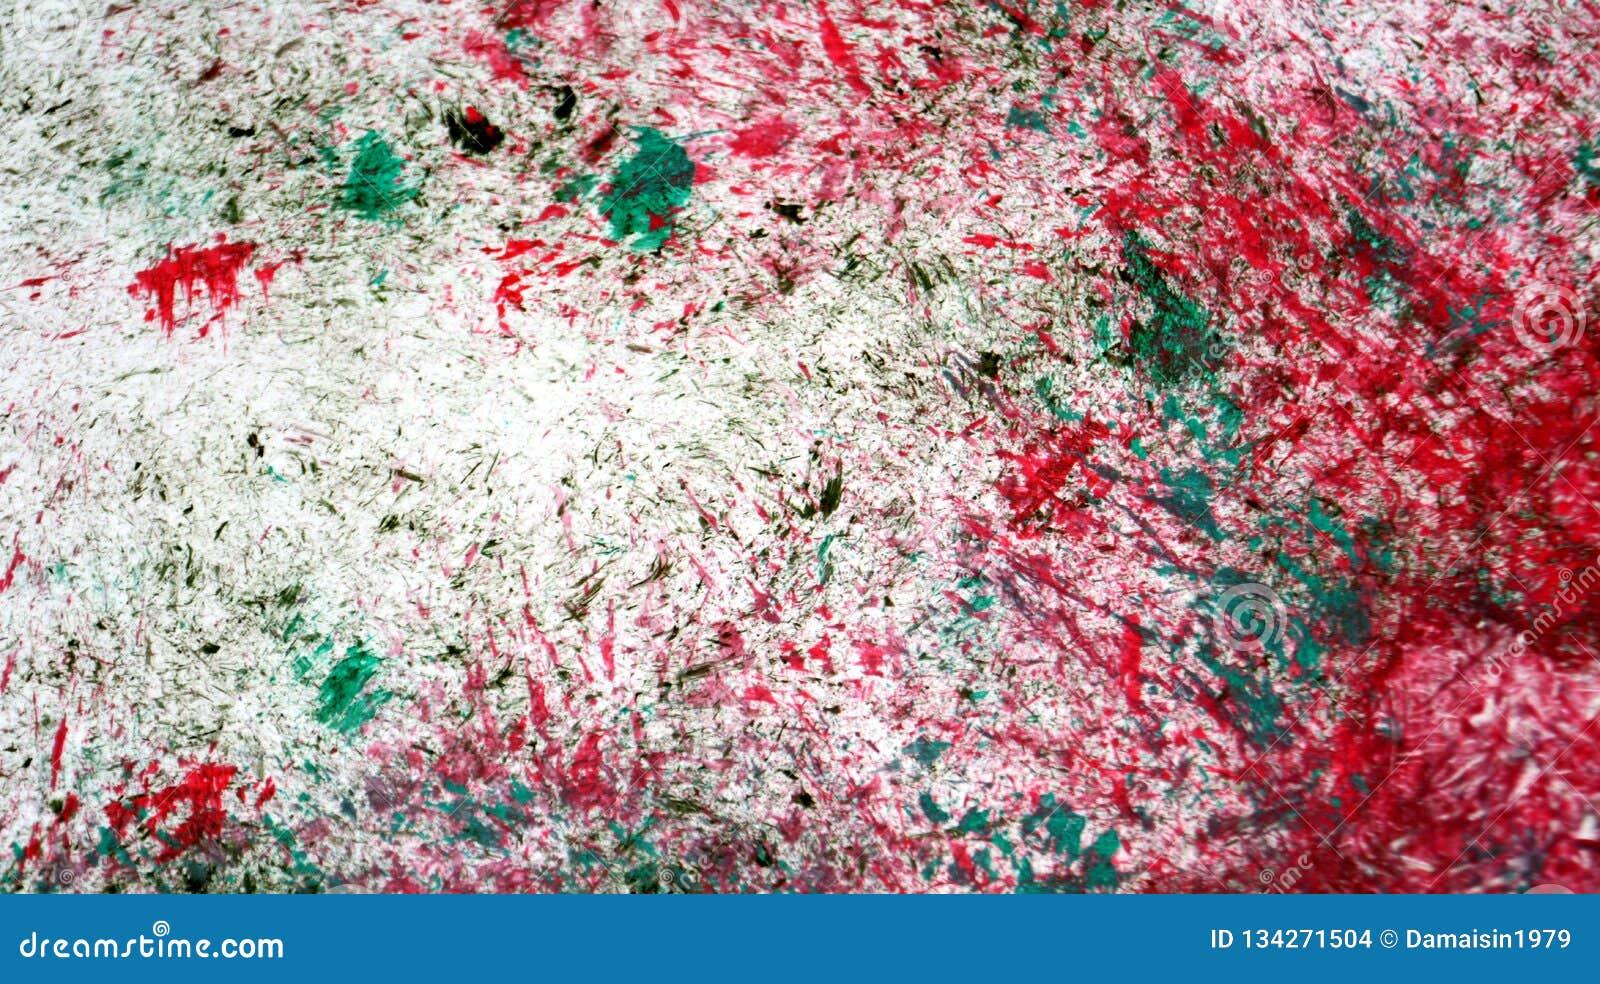 Weiche Kontraste der roten silbernen grünen Mischung, Farbenaquarellhintergrund, abstrakter malender Aquarellhintergrund